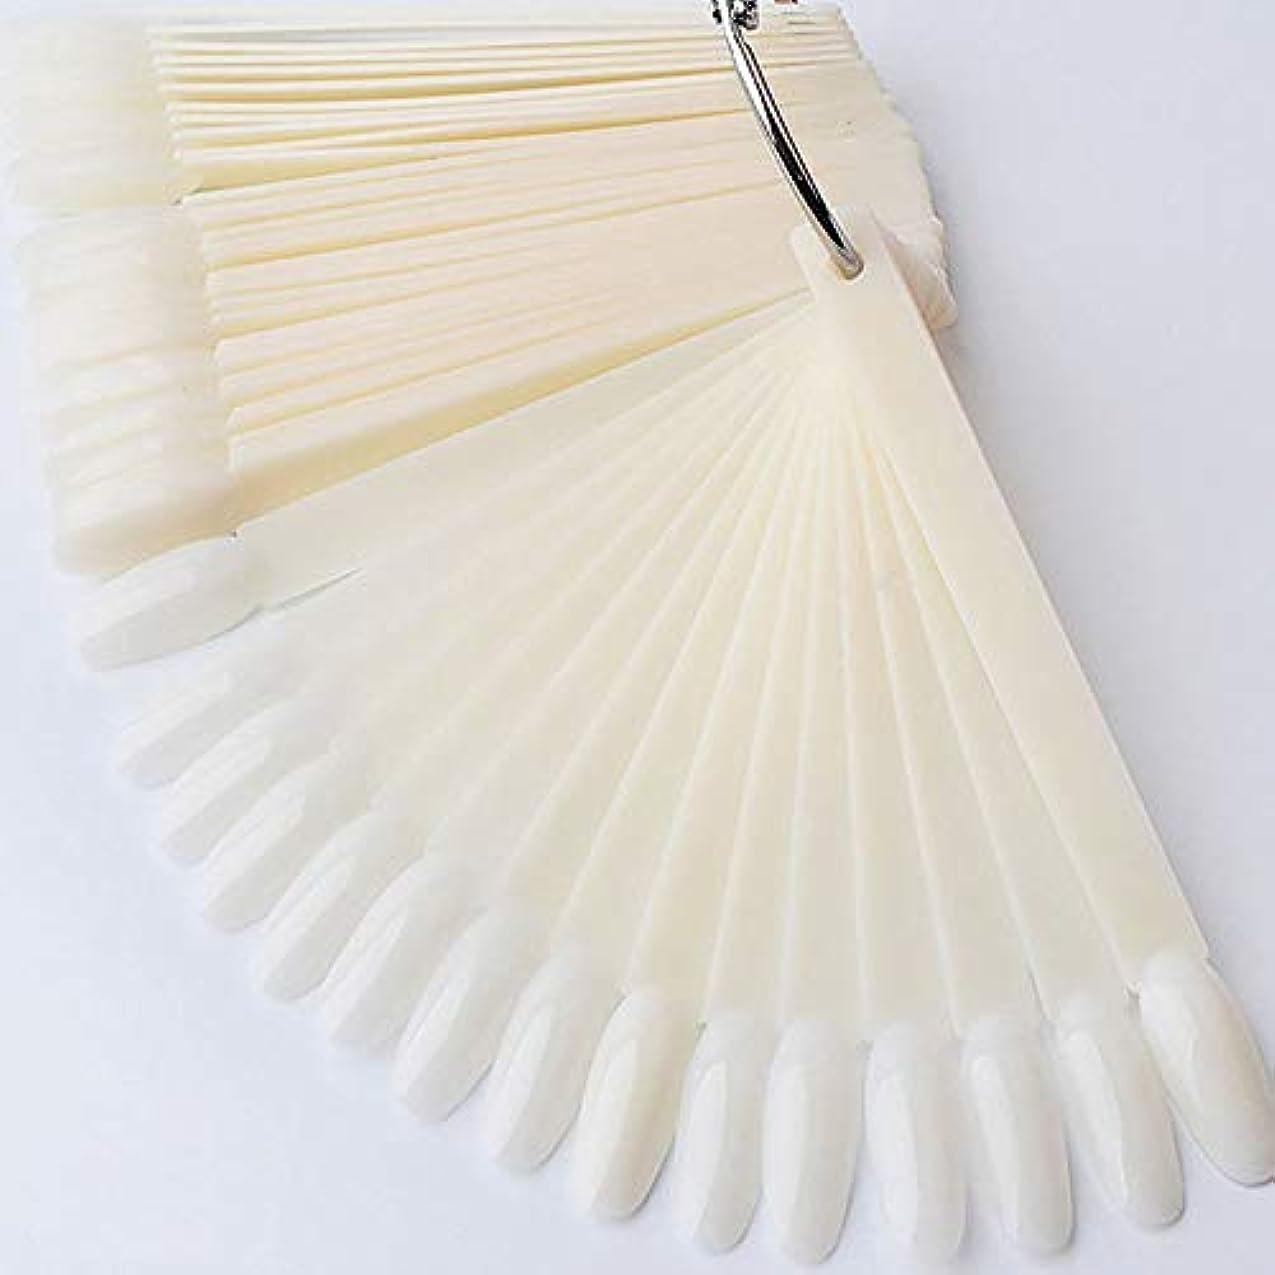 浸す国籍思いやりのあるネイルチップ スティック ネイル用品 練習用 50枚 (アイボリー)